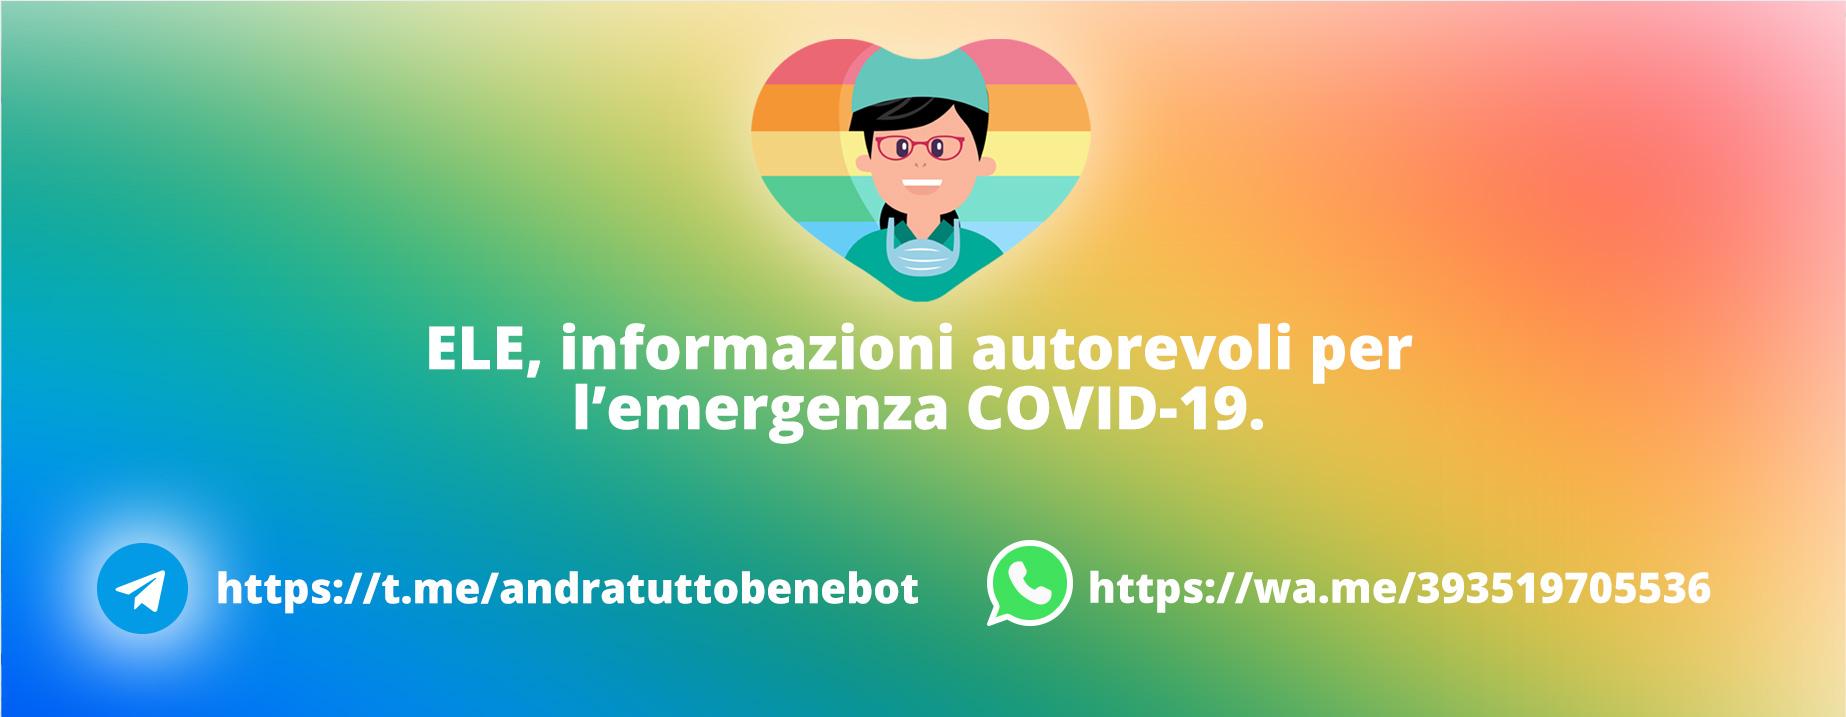 ELE è un chatbot che fornisce informazioni di pubblica utiità da fonti autorevoli sull'emergenza COVID-19.